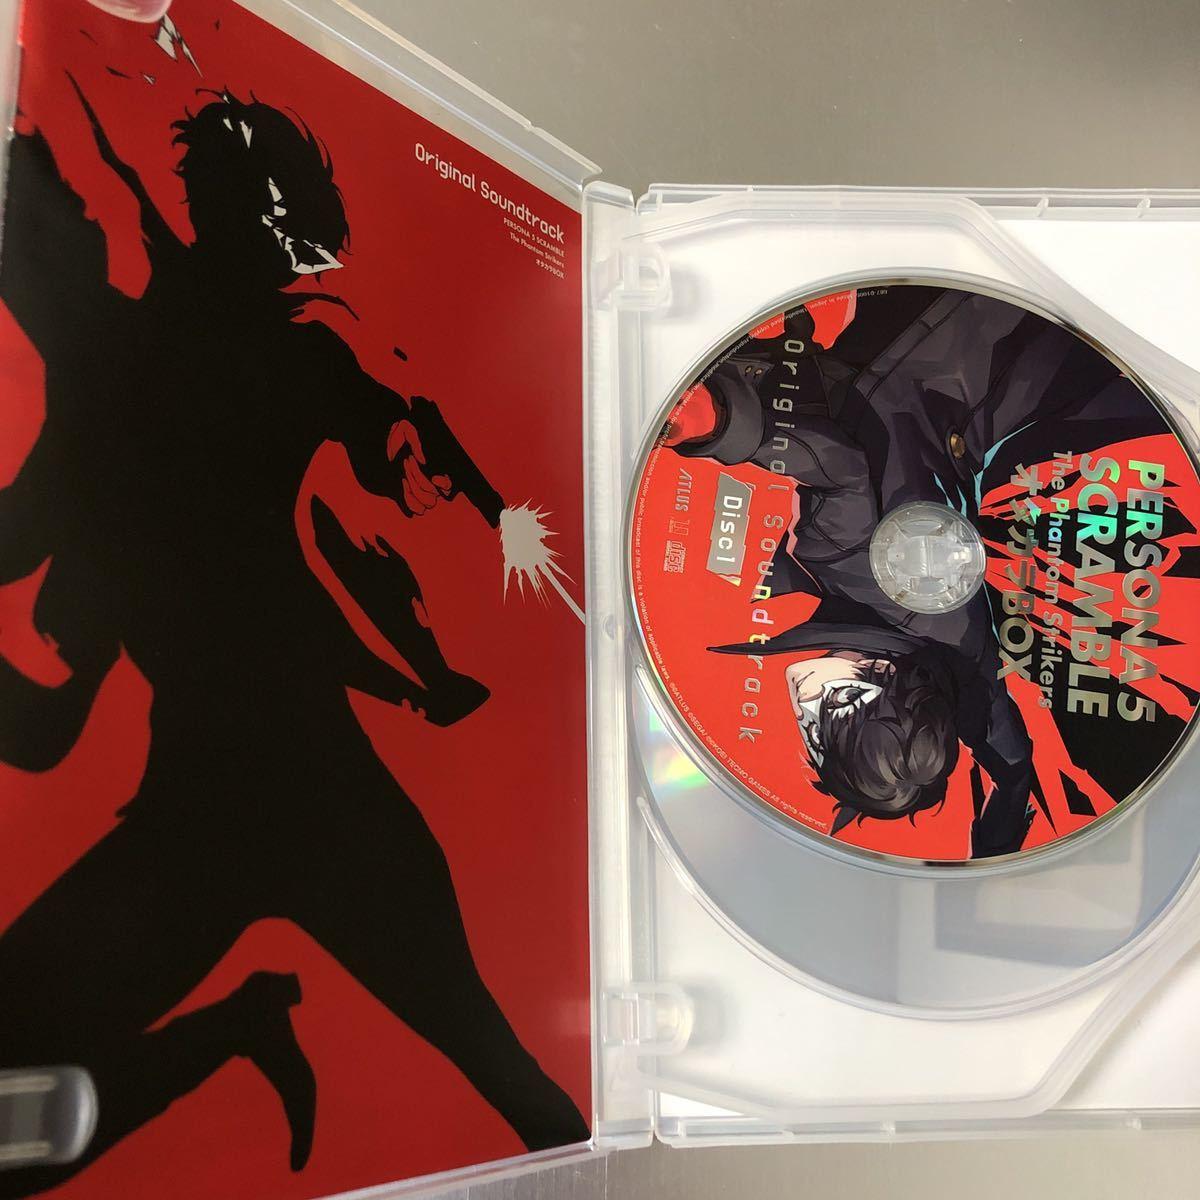 ◆送料無料◆ペルソナ5 スクランブル ザ ファントム ストライカーズ サウンドトラック CD & BD 主題歌メイキングムービー Blu-ray◆即決◆